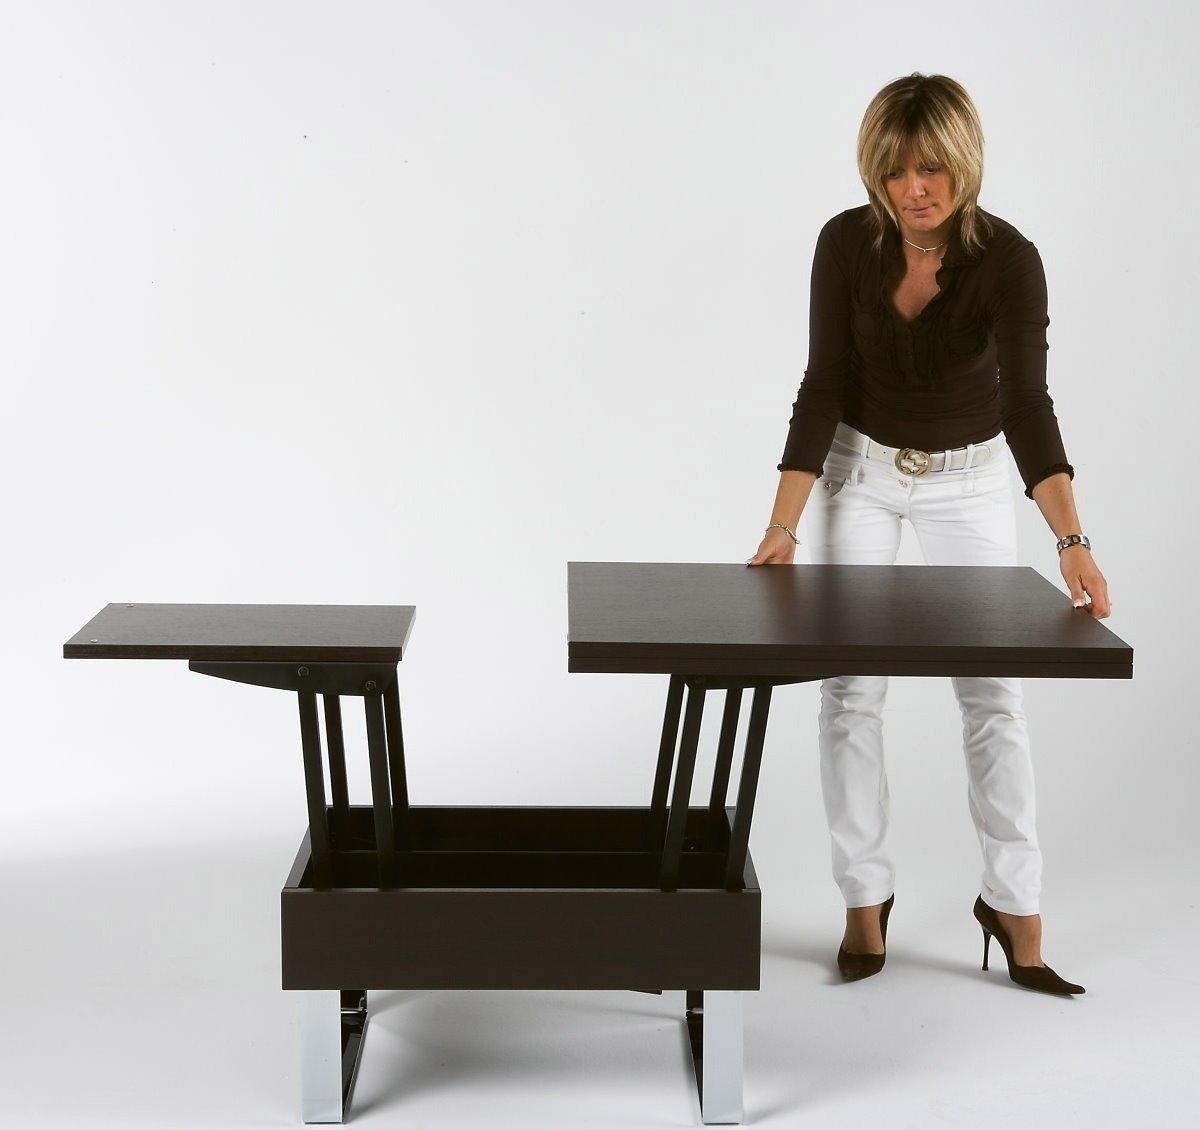 Tavolino apribile tavolo b tavoli a prezzi scontati for Tavolo apribile